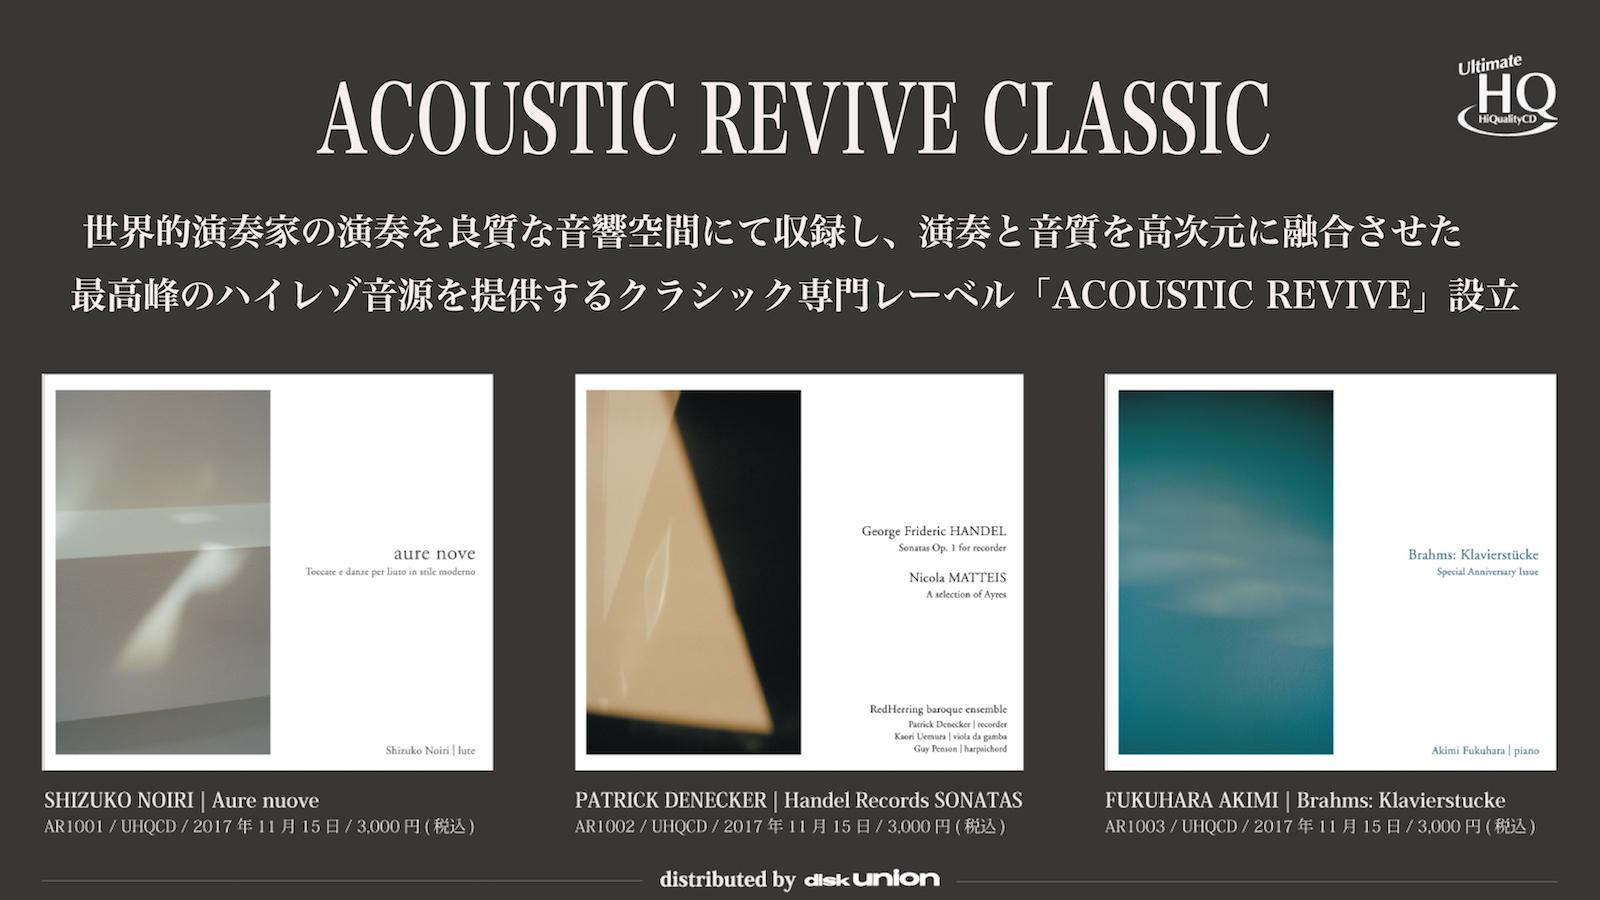 Acoustic Revive Classic CD山口県オーディオショップ